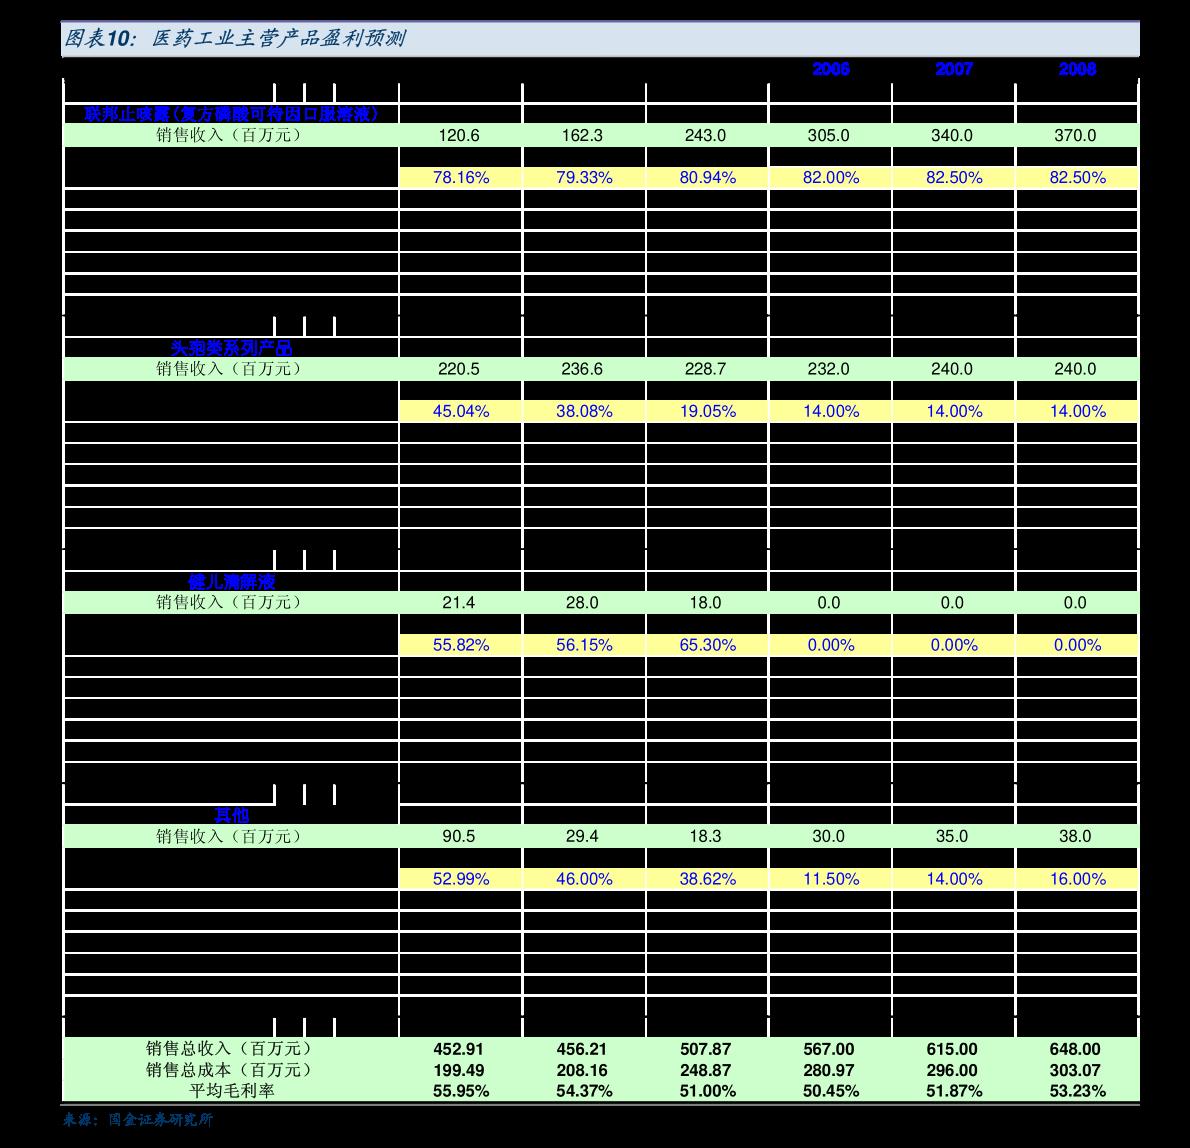 财信雷火电竞平台-完美世界-002624-员工持股计划提振信心,2021产品大年助力业绩增长-210113